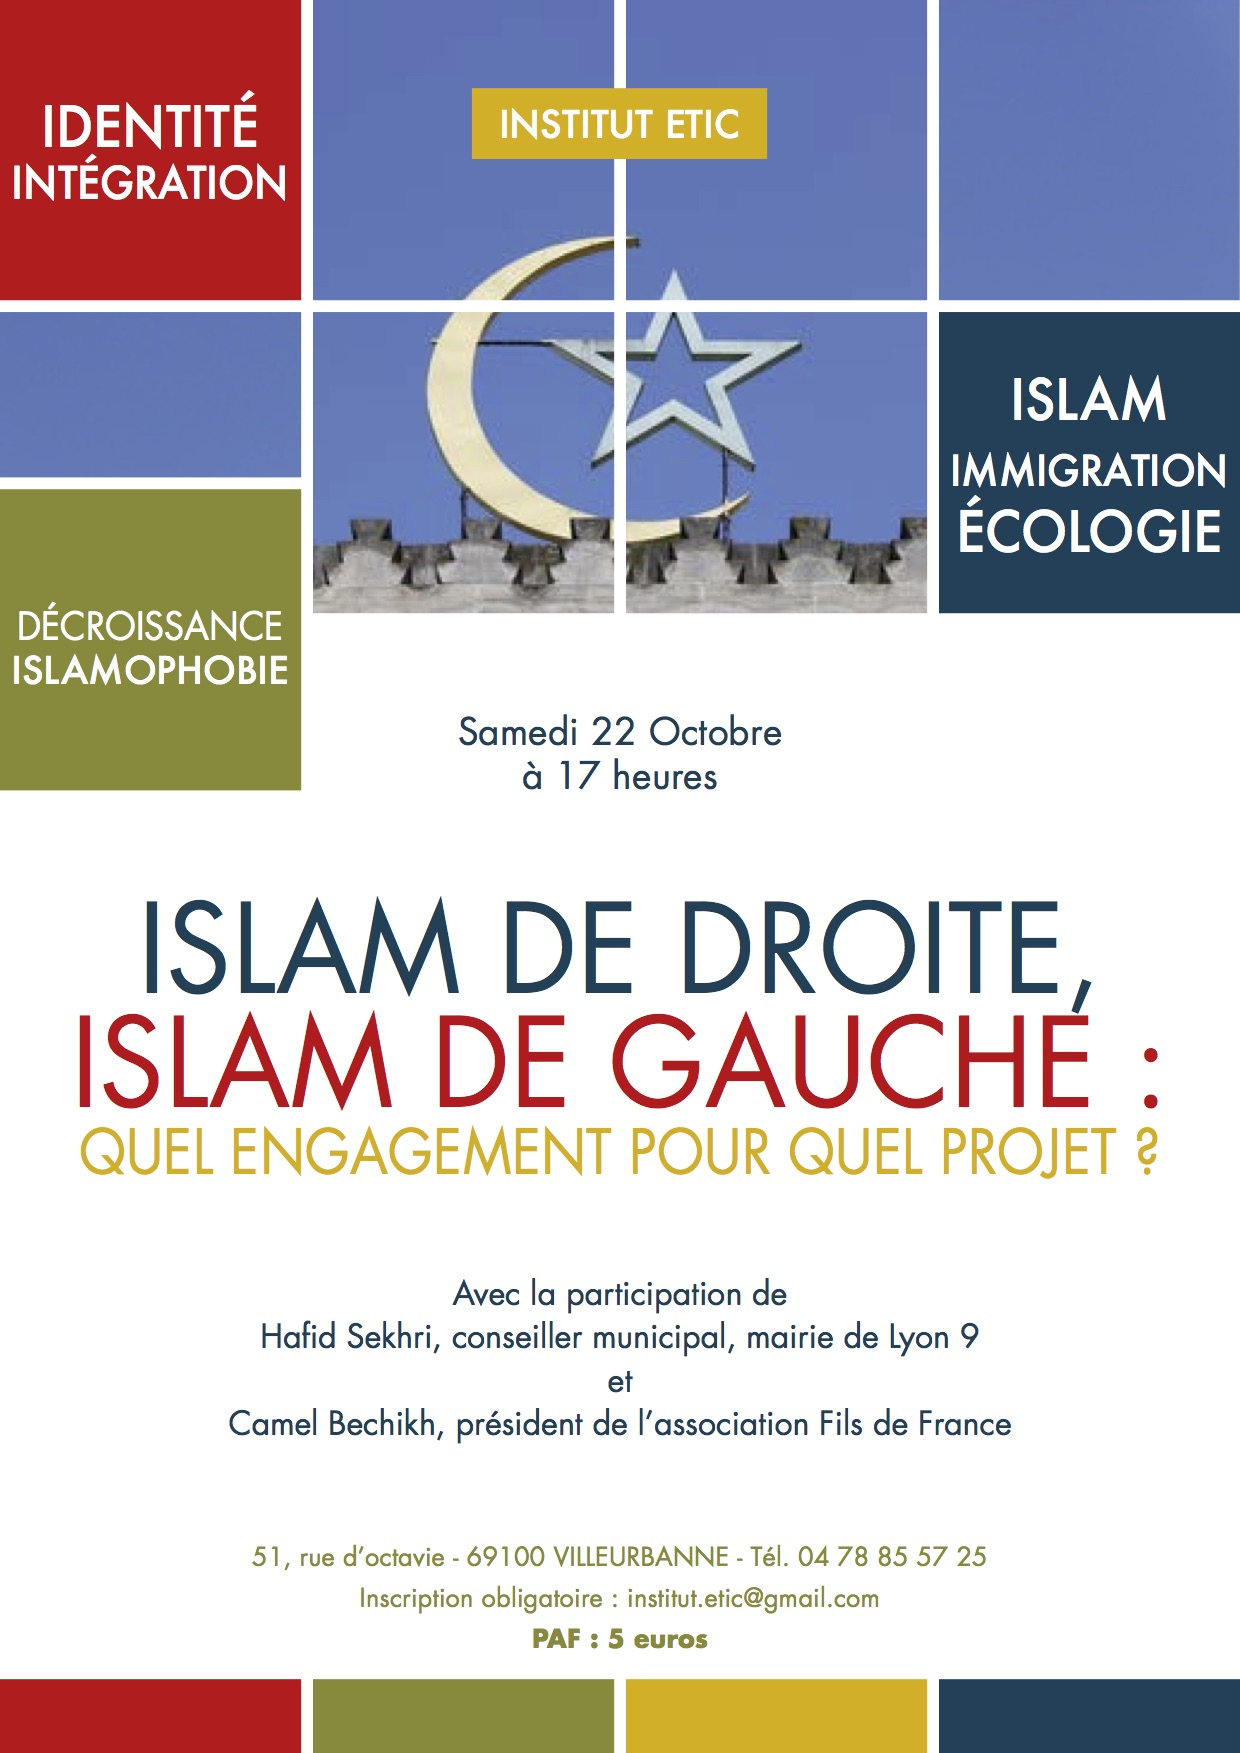 http://www.saphirnews.com/agenda/Islam-de-droite-islam-de-gauche-quel-engagement-pour-quel-projet_ae416940.html